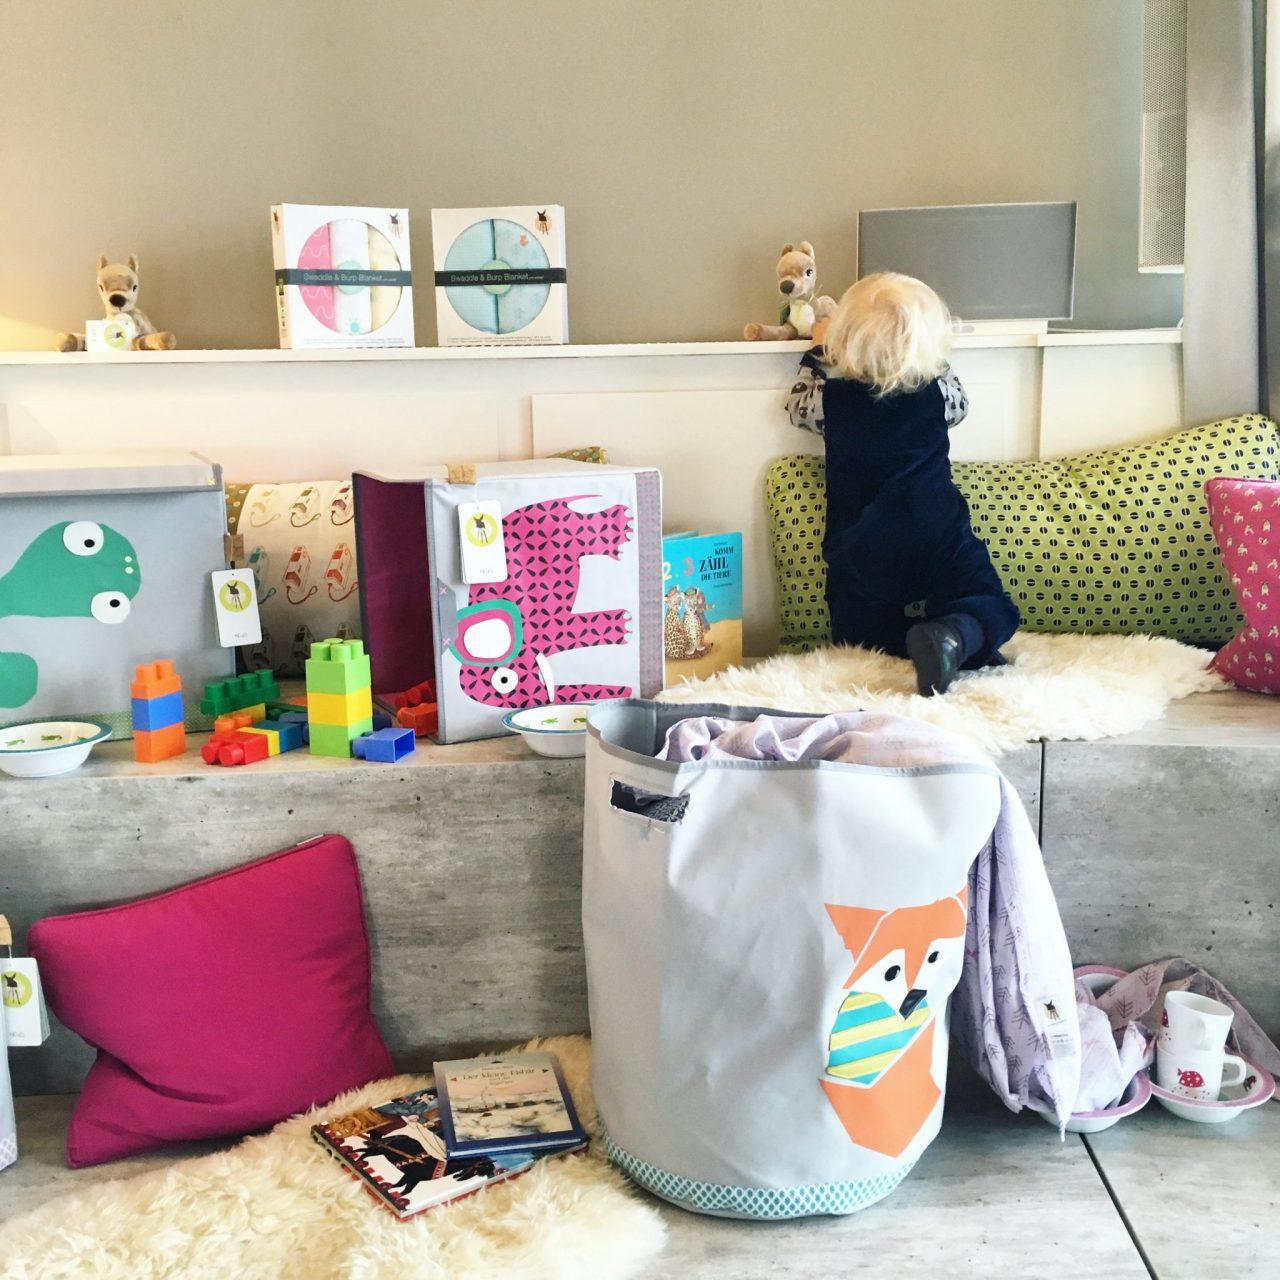 unsere aufr um tipps was tolles von l ssig verlosung sarahplusdrei. Black Bedroom Furniture Sets. Home Design Ideas